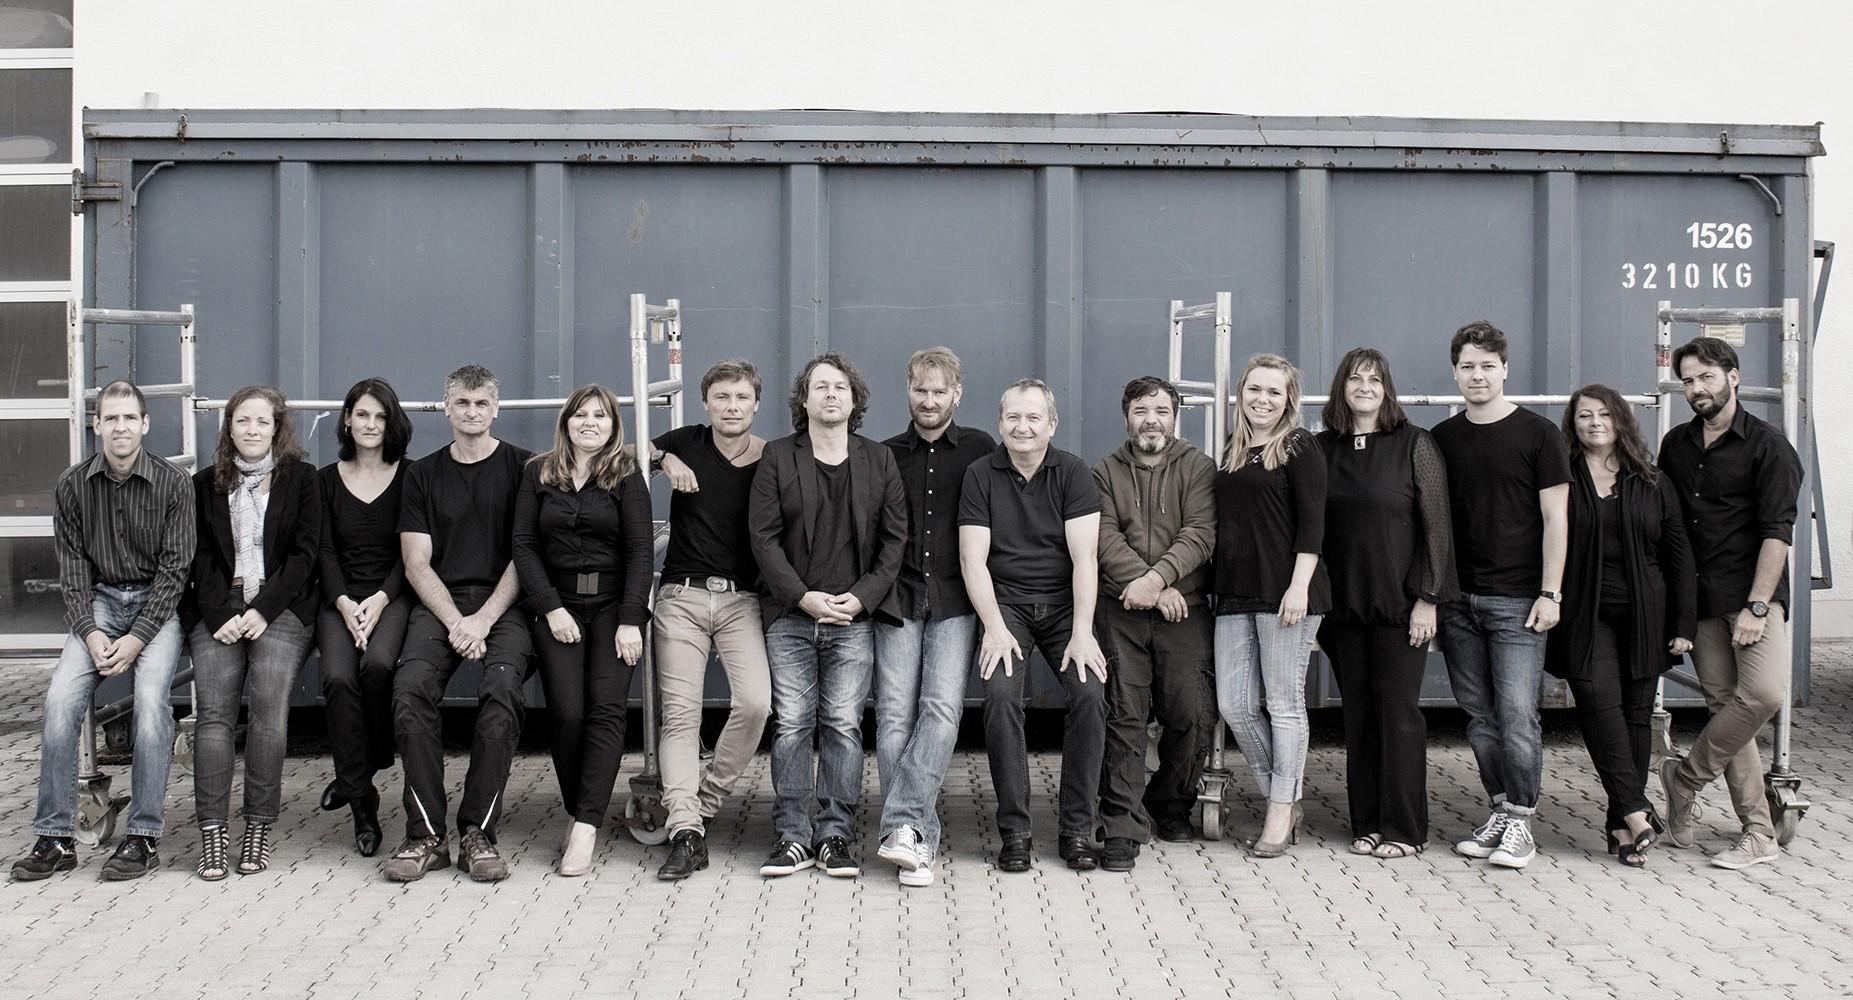 Gruppenfoto web